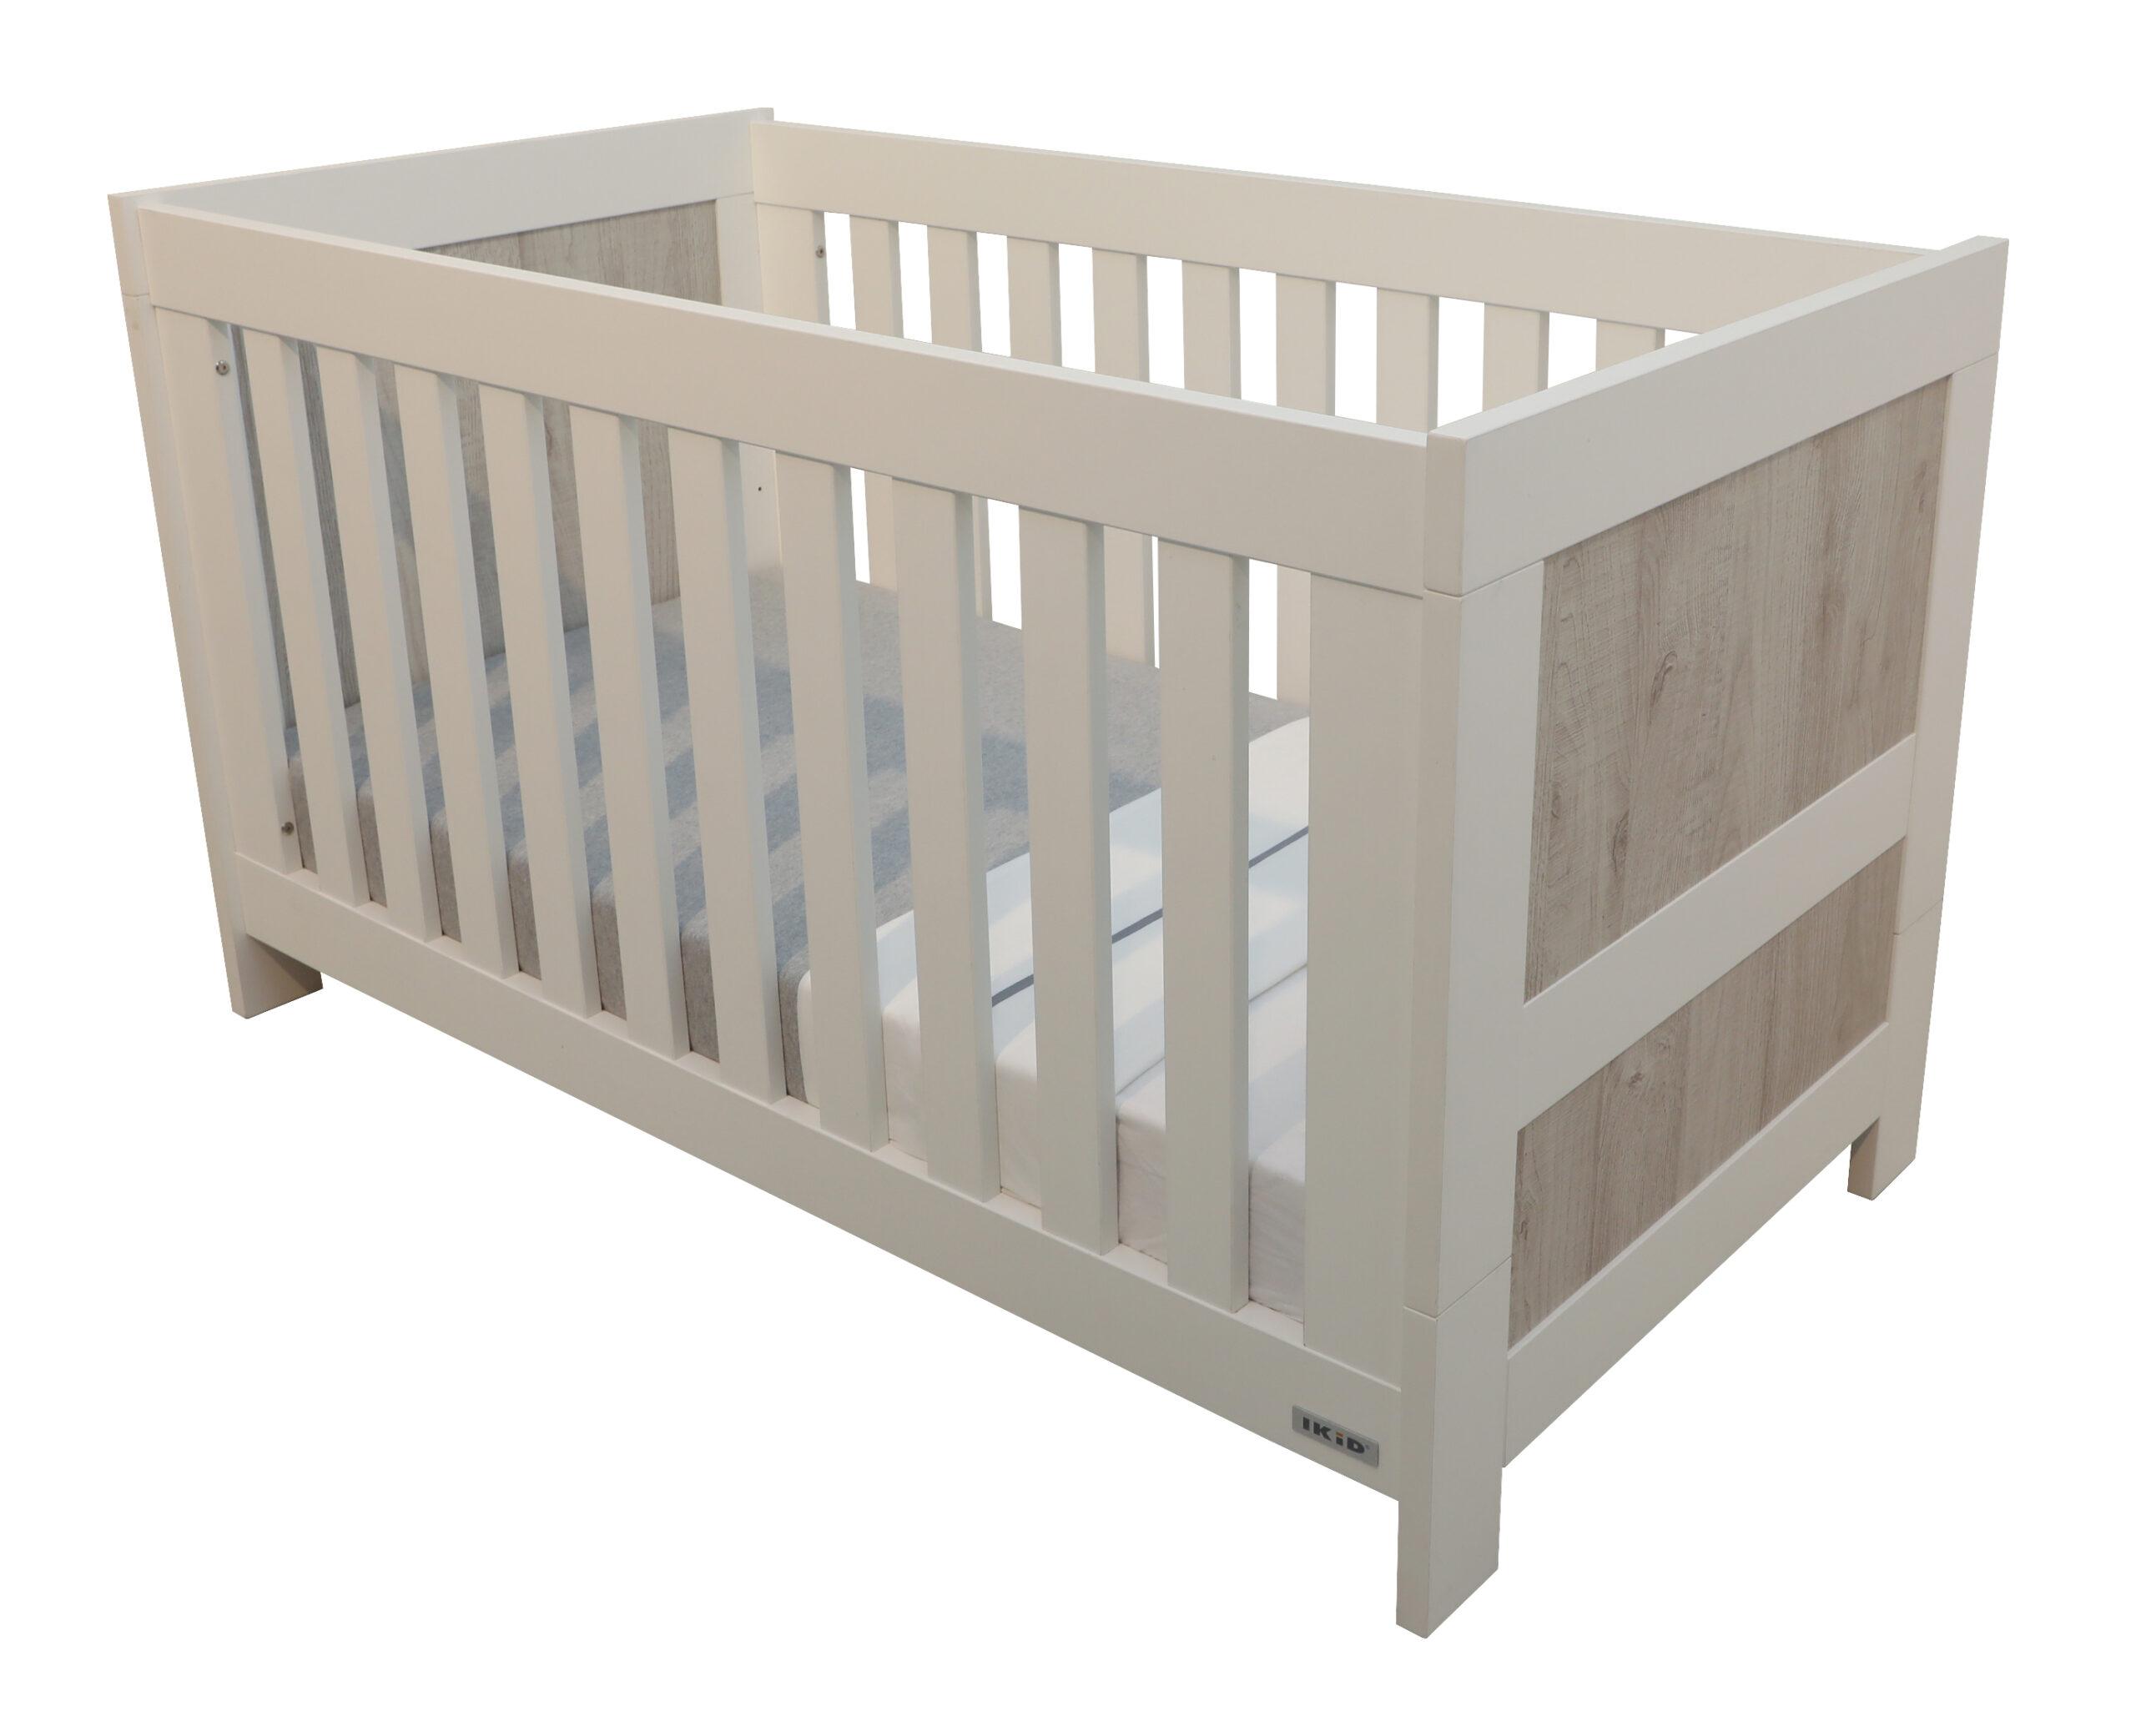 cunas para bebé - Cunas para bebé